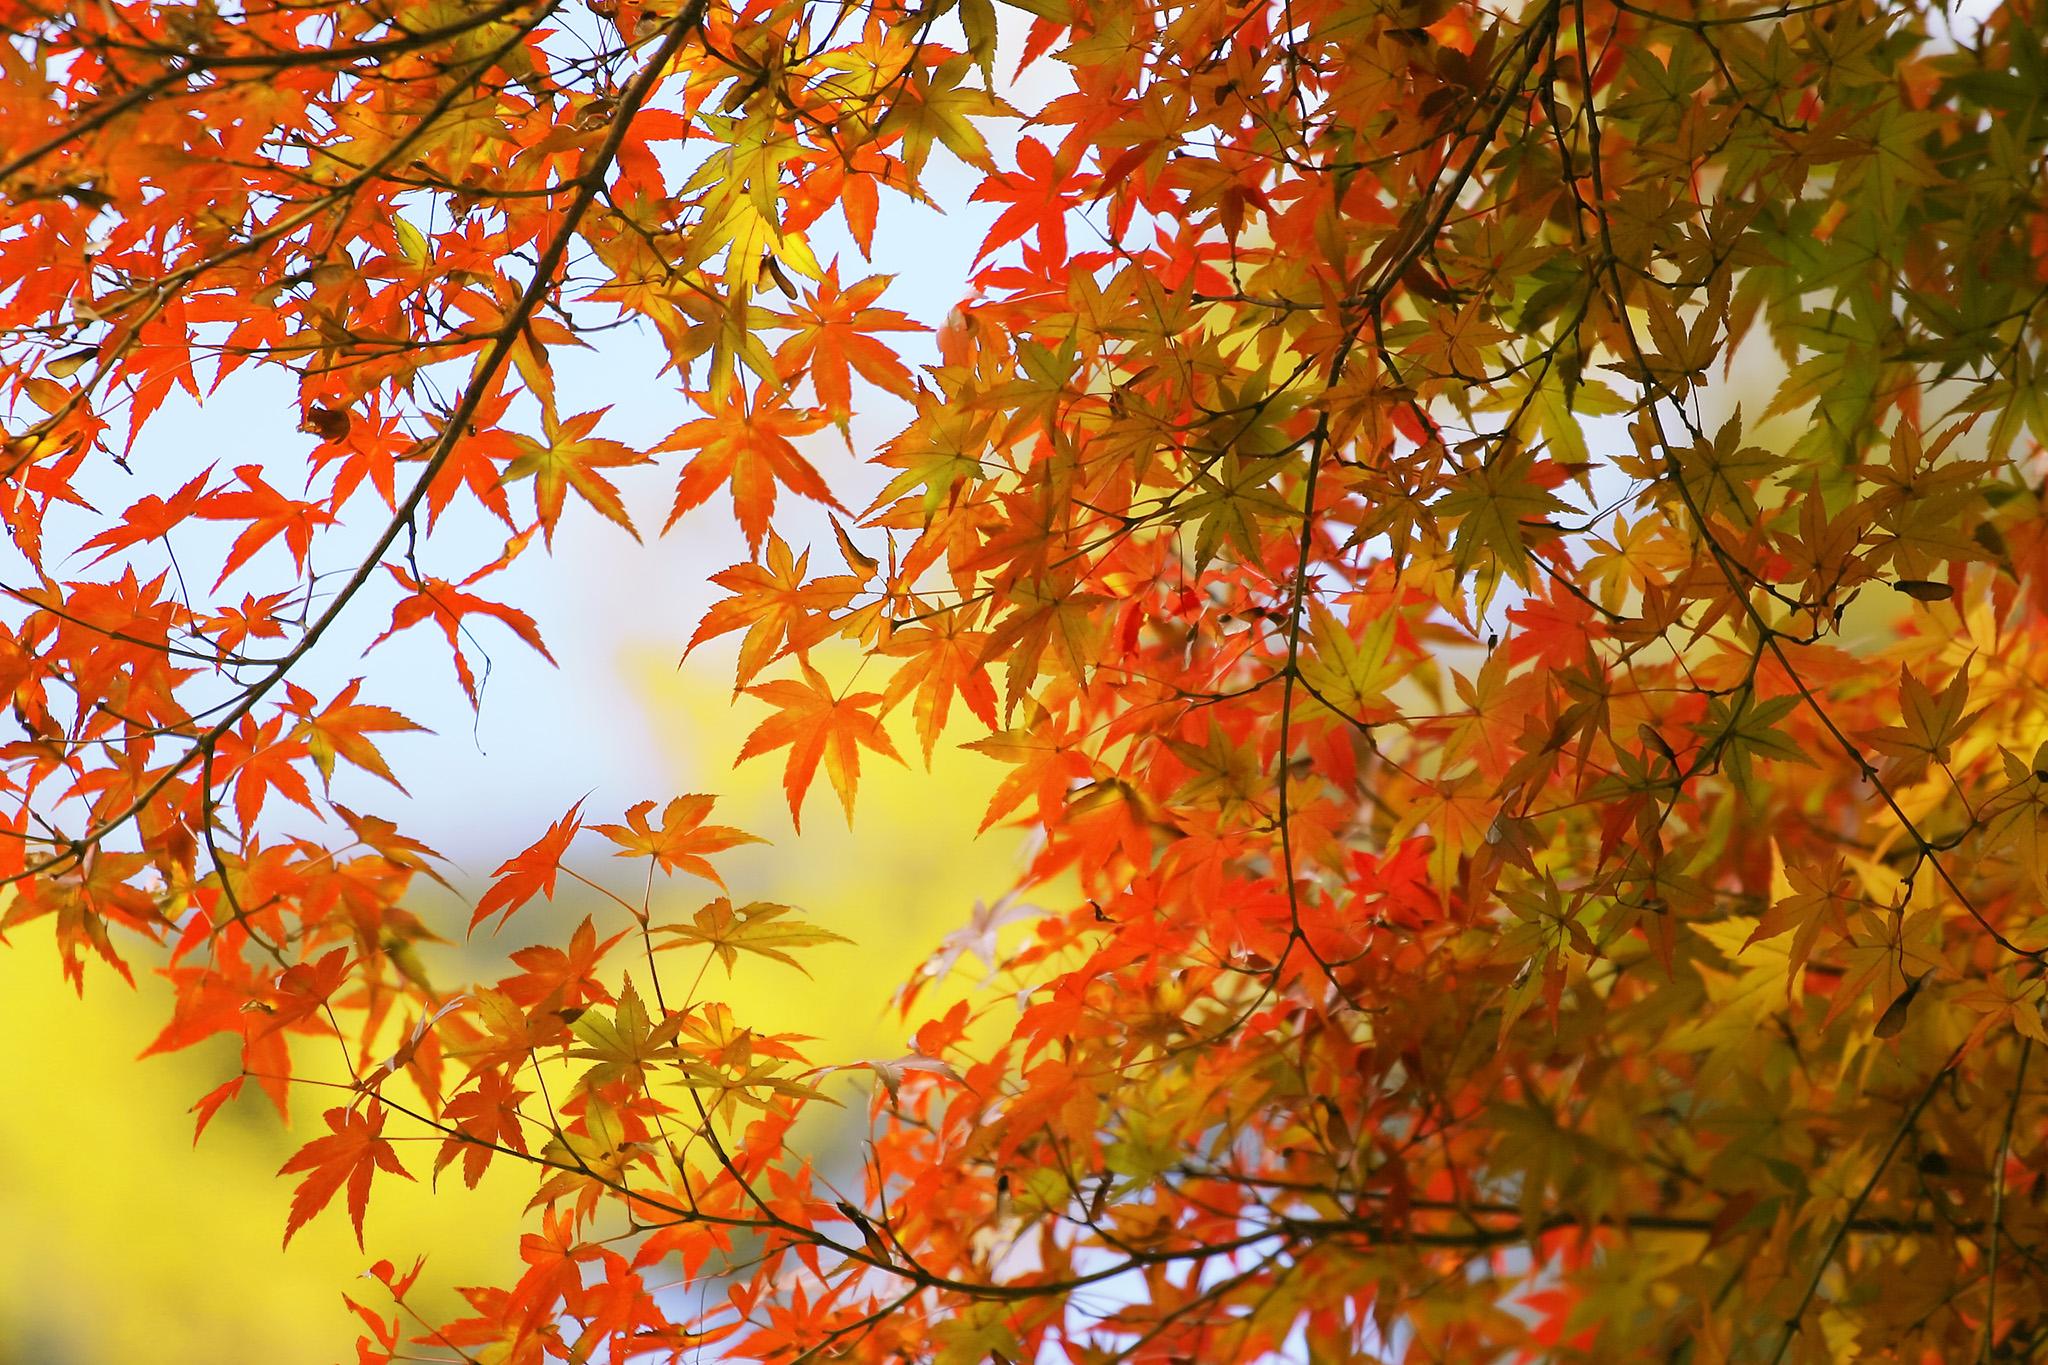 赤く染まり始めるモミジの葉